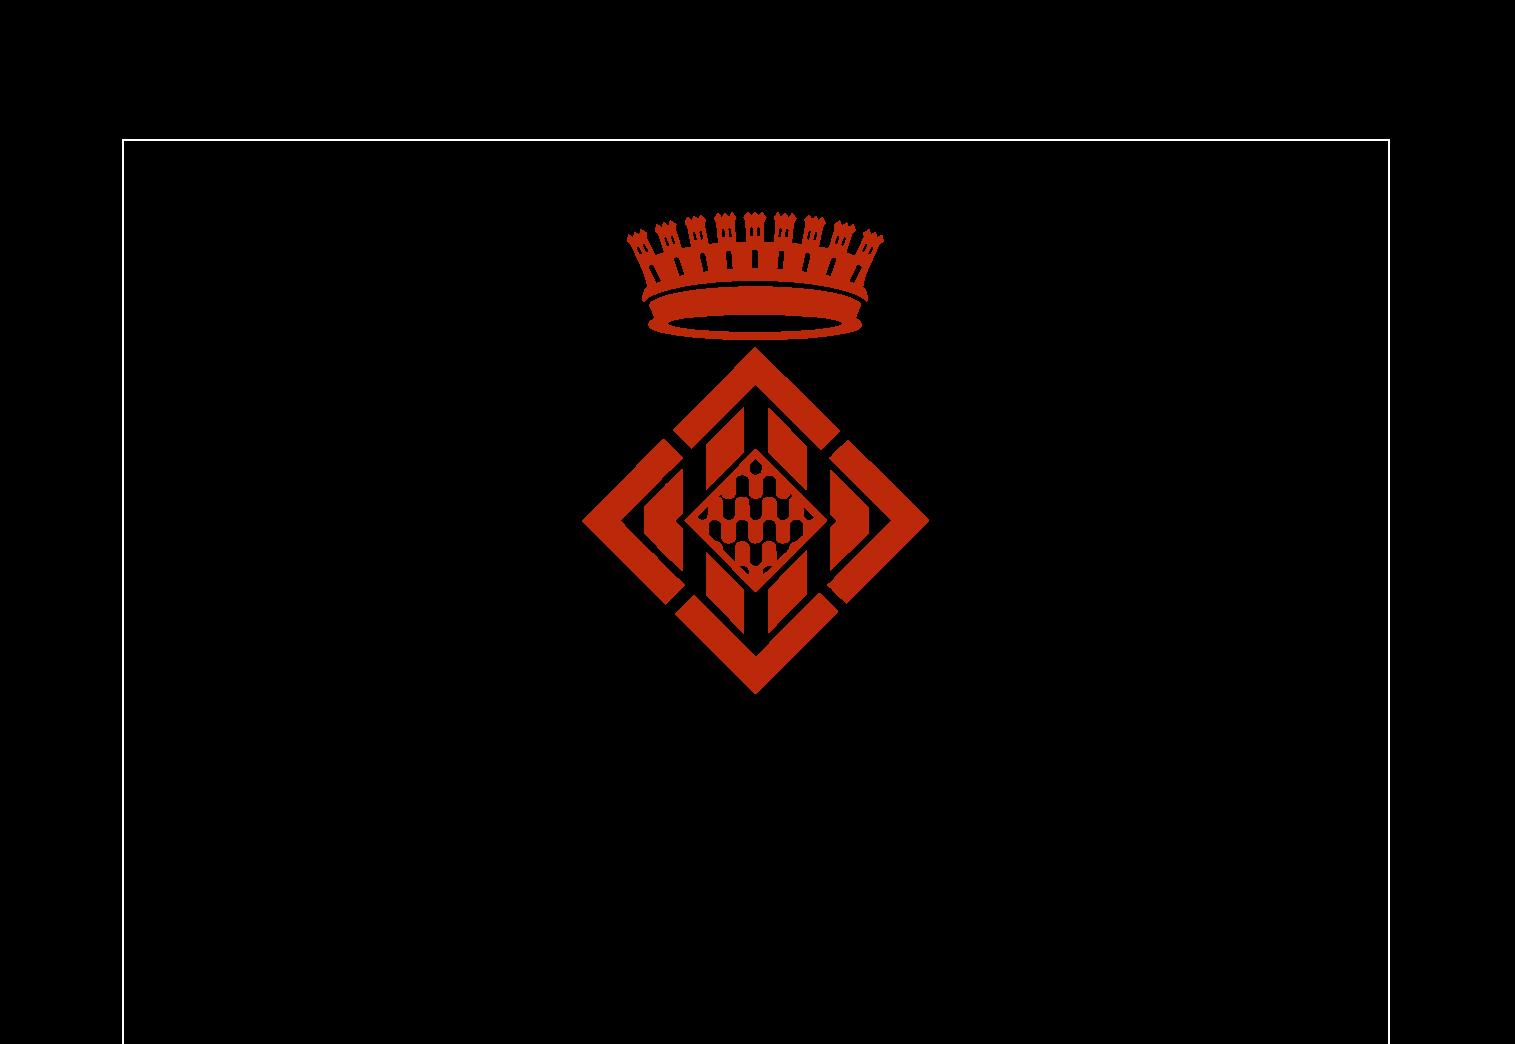 L'Ajuntament minorarà les despeses de consum elèctric i d'enllumenat públic  exterior - Web Oficial de l'Ajuntament de Riells i Viabrea